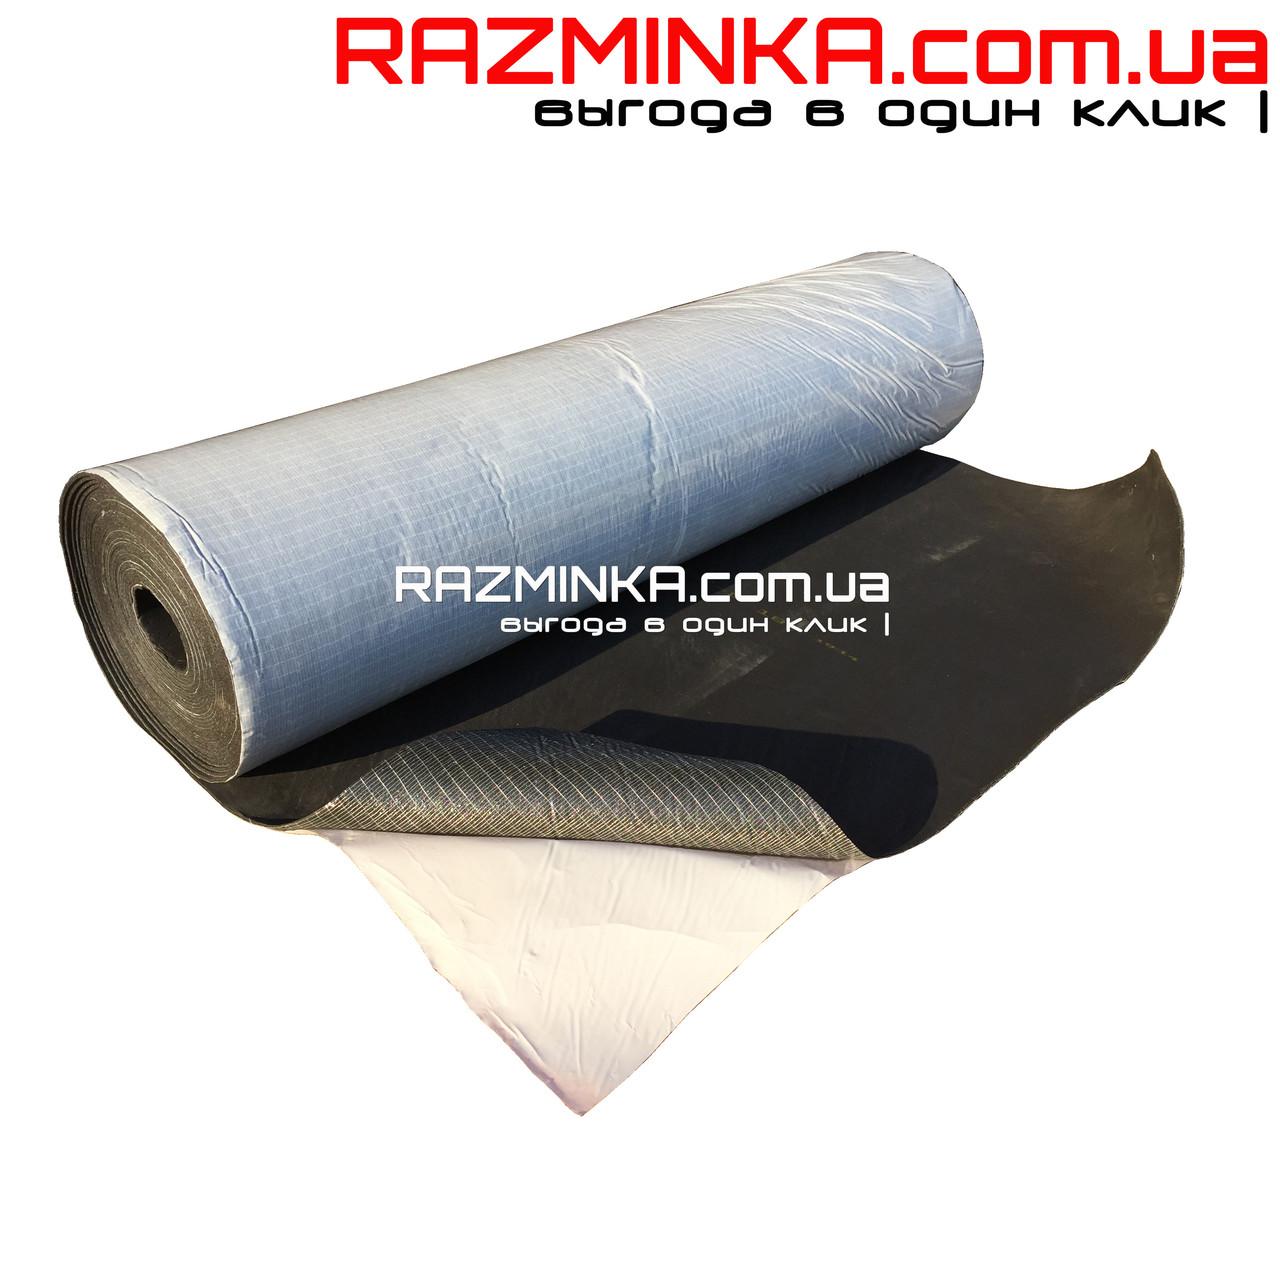 Вспененный каучук самоклеющийся 3мм